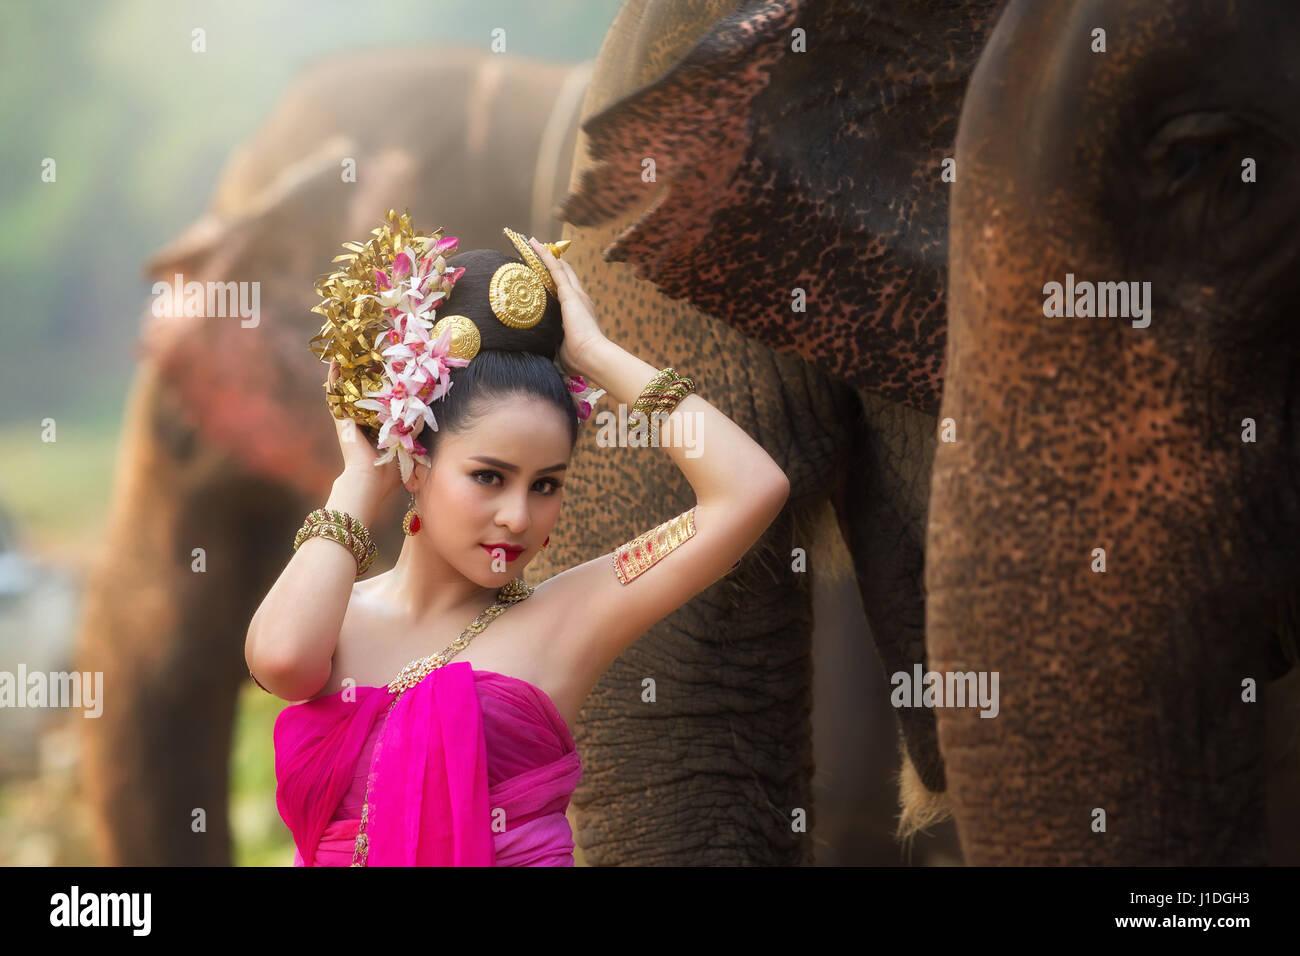 Ritratto Donna Bella Rurale Tailandese Indossare Abiti Tailandesi Di 29IWDYEH